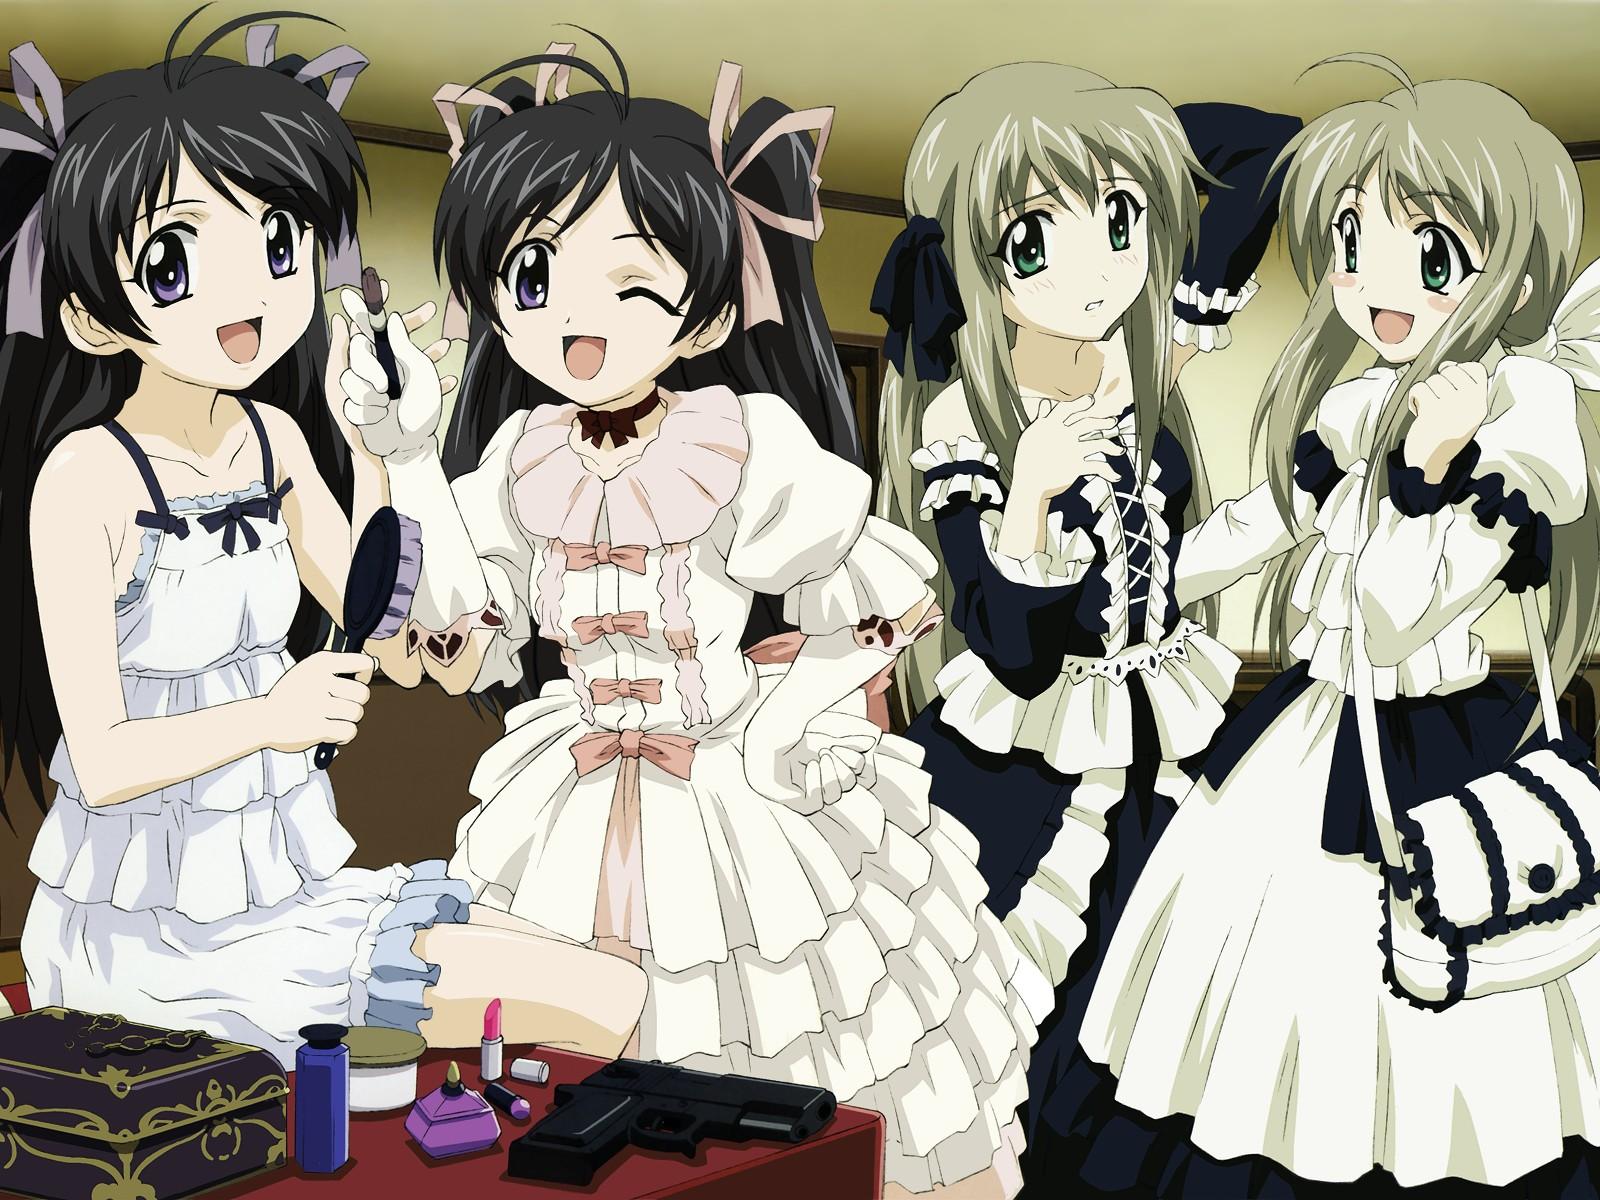 futakoi futakoi_alternative group gun lolita_fashion sakurazuki_kira sakurazuki_yura shirogane_sara shirogane_souju twins weapon